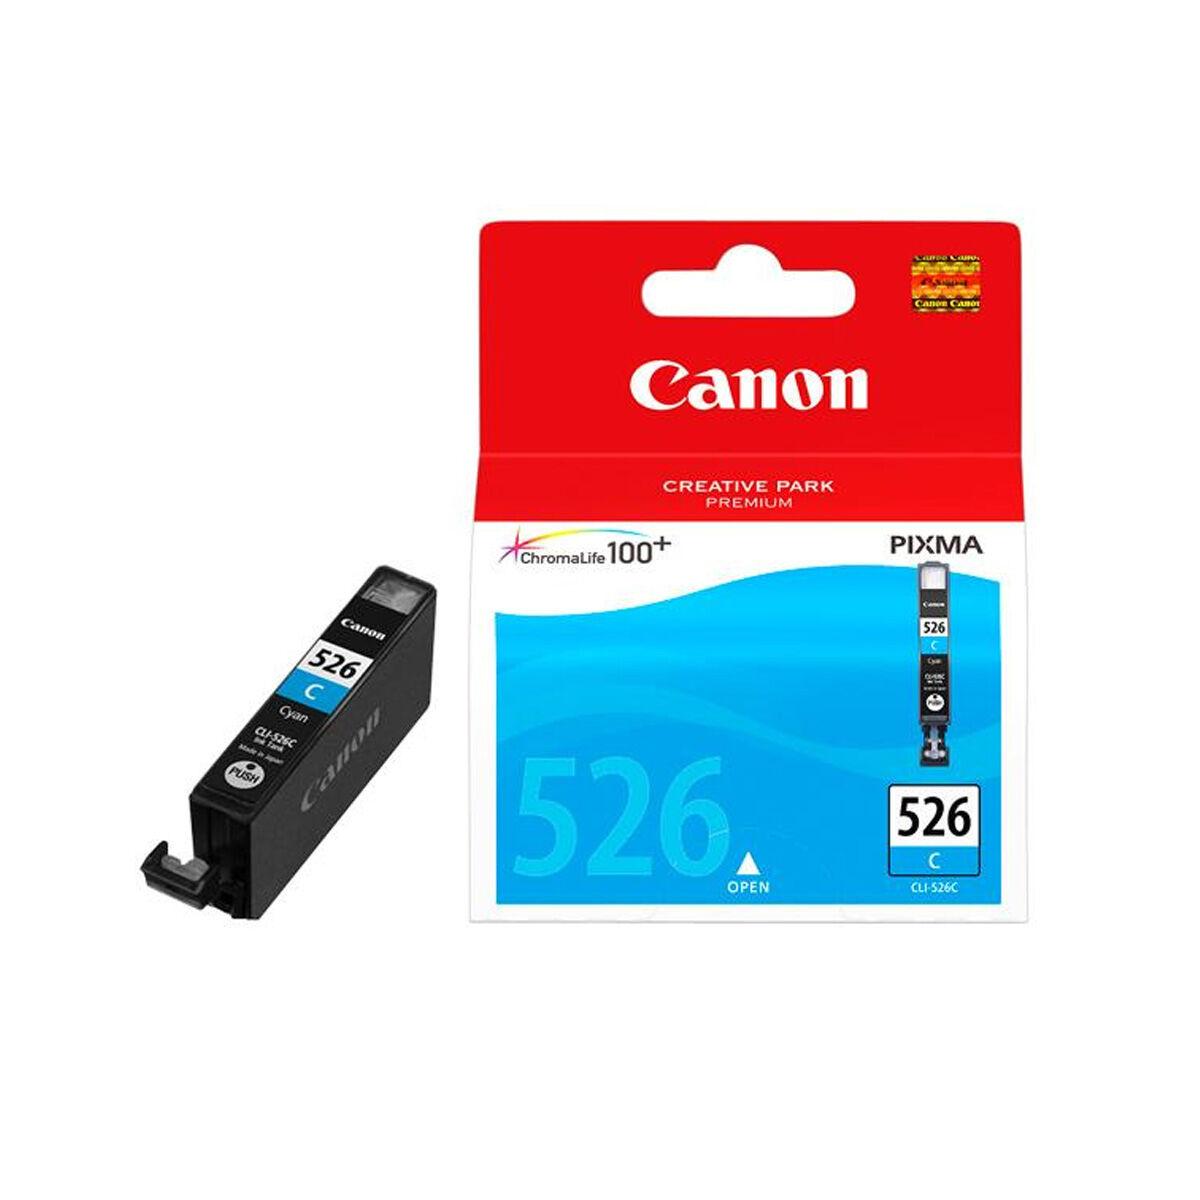 Cartouche Imprimante - Canon - 526 Cyan